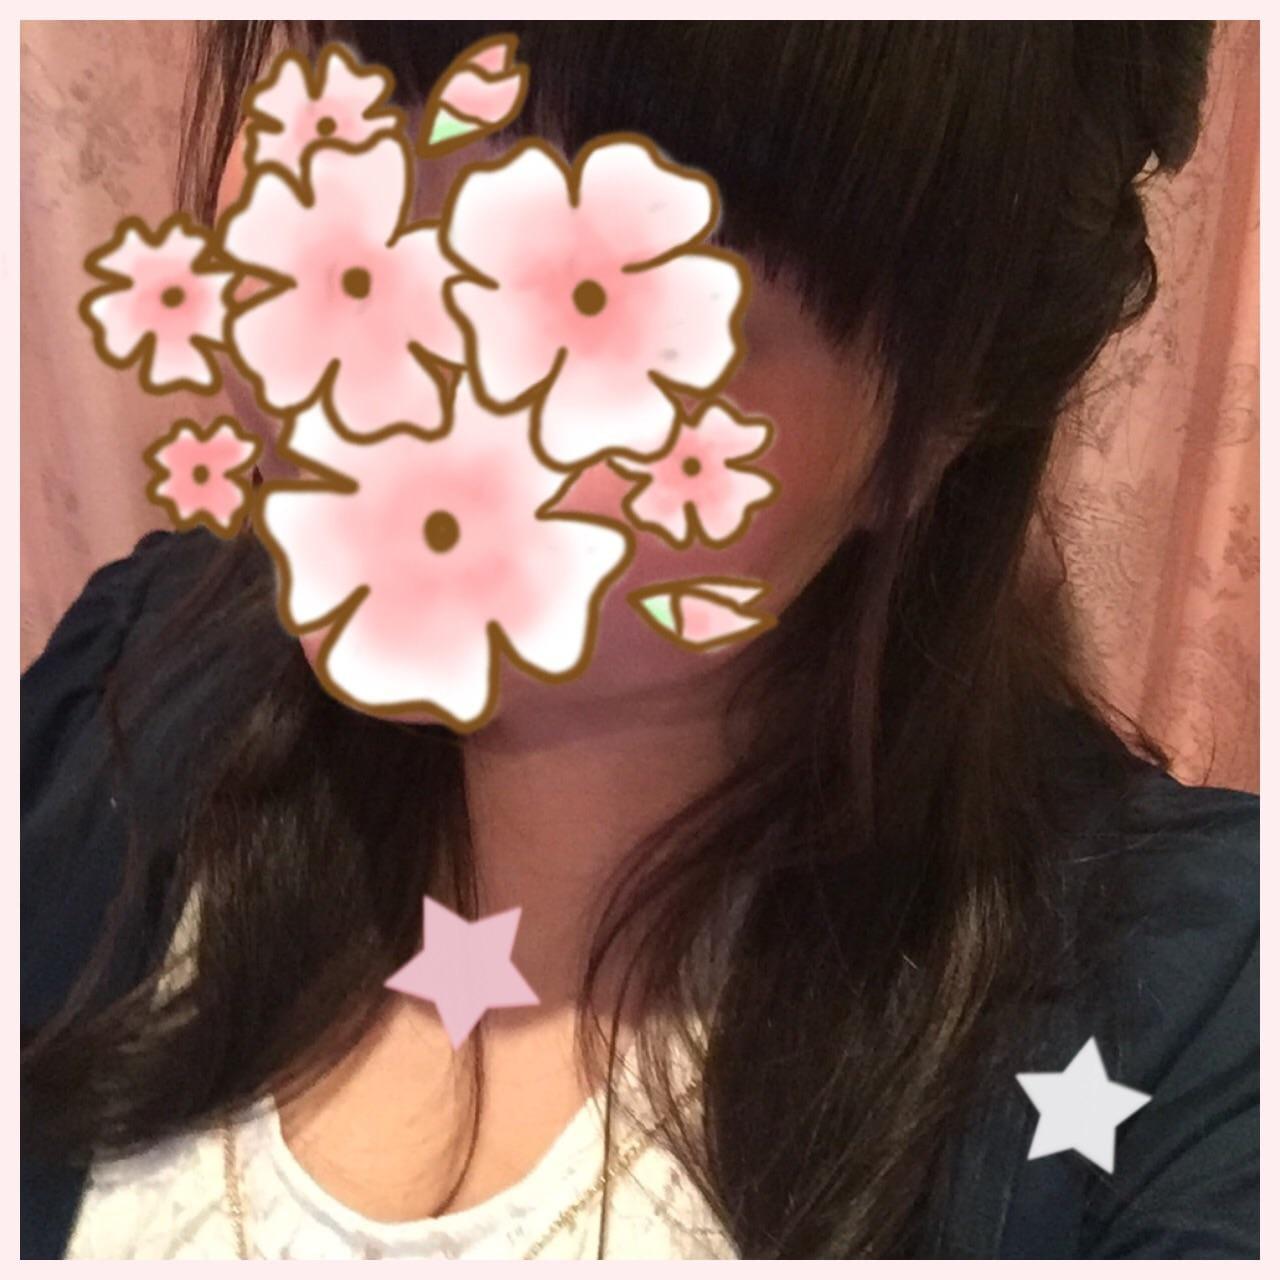 「3日間」06/13(水) 12:18 | 立花の写メ・風俗動画